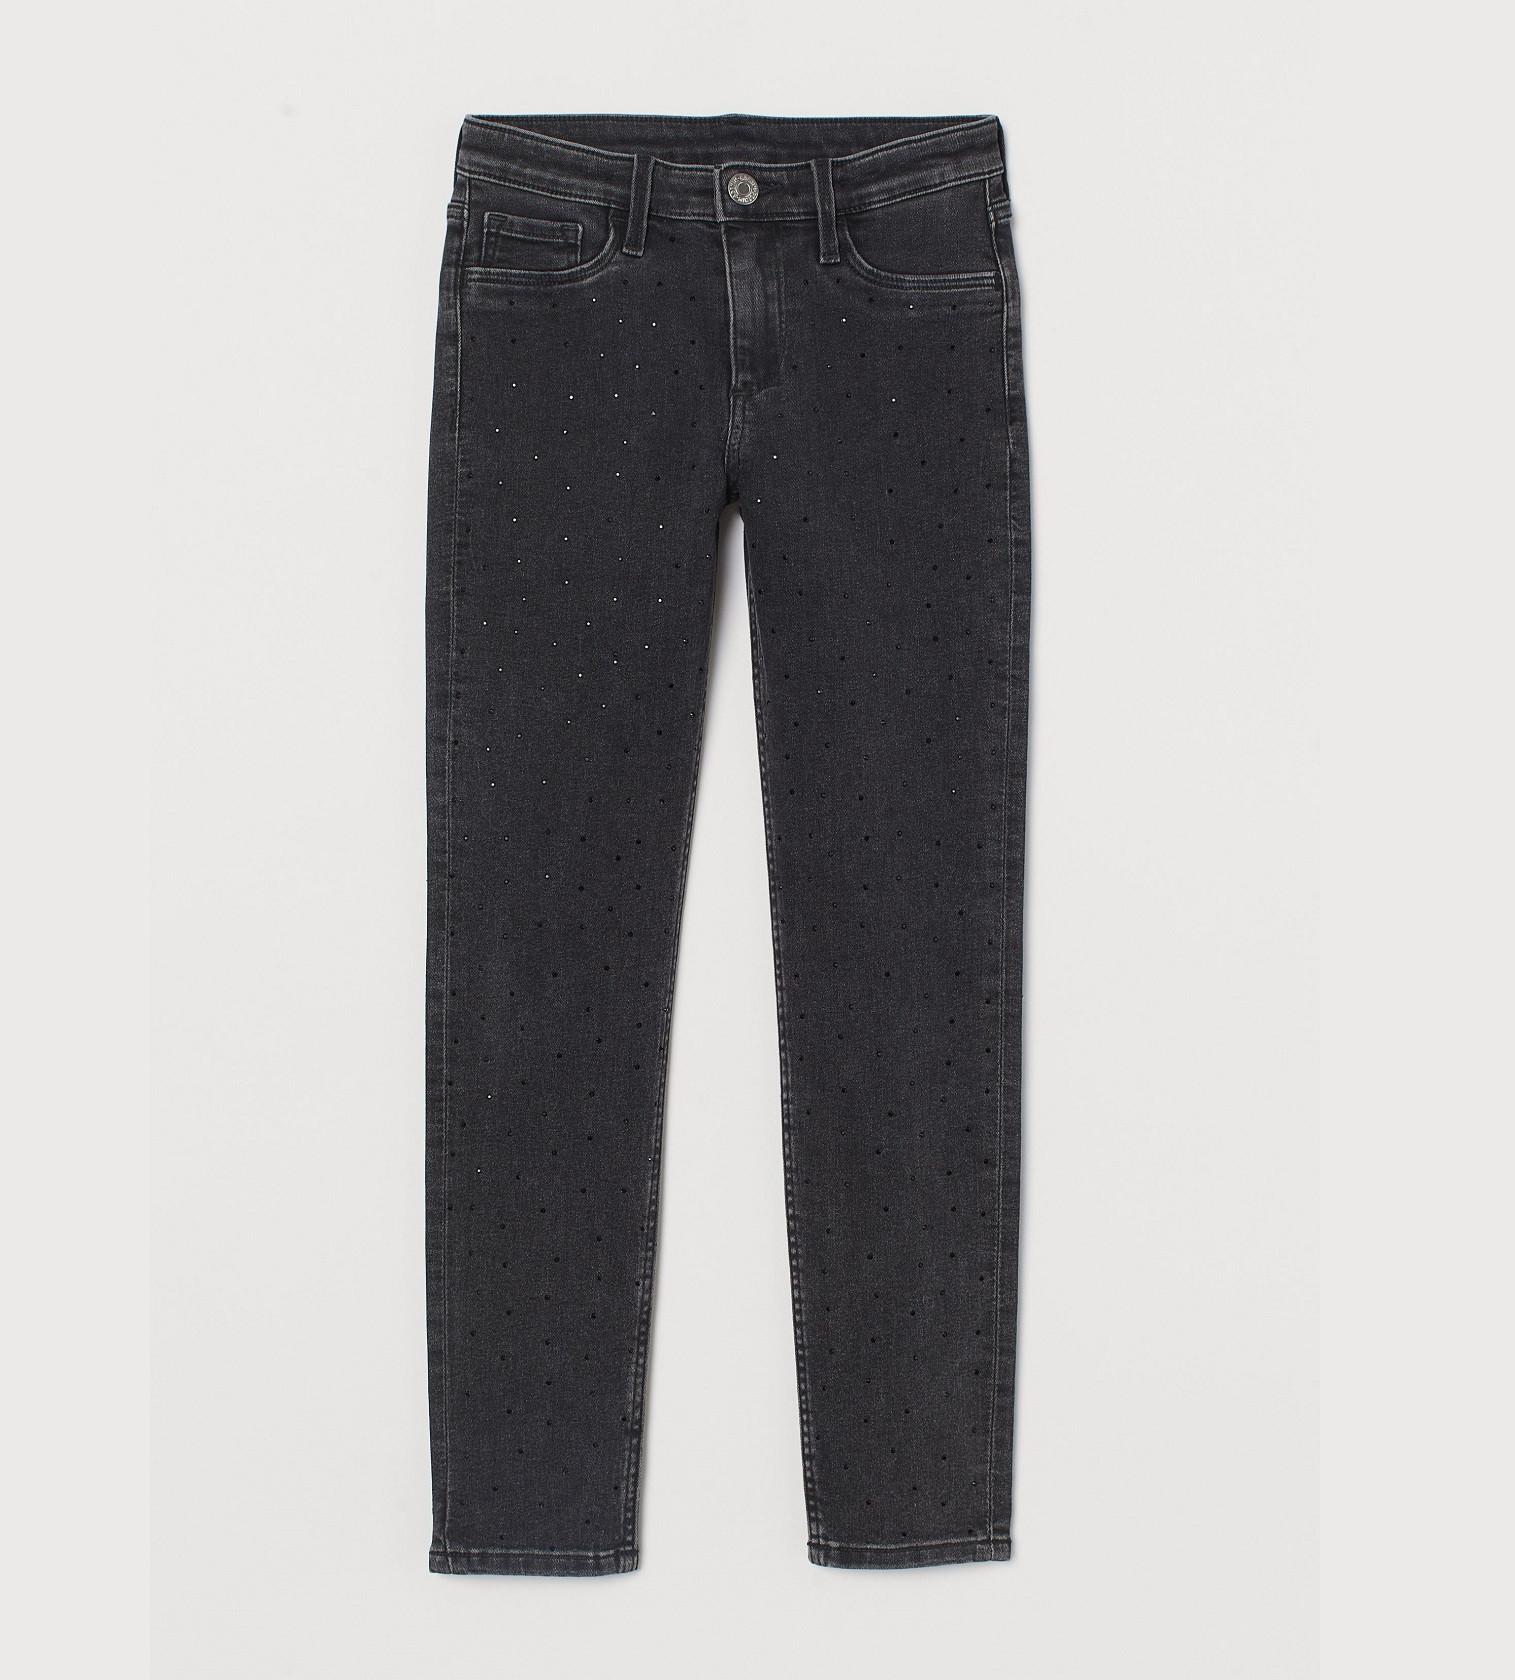 Купити Джинси з каміннями H&M Studded Skinny Fit: Noir - фото 1